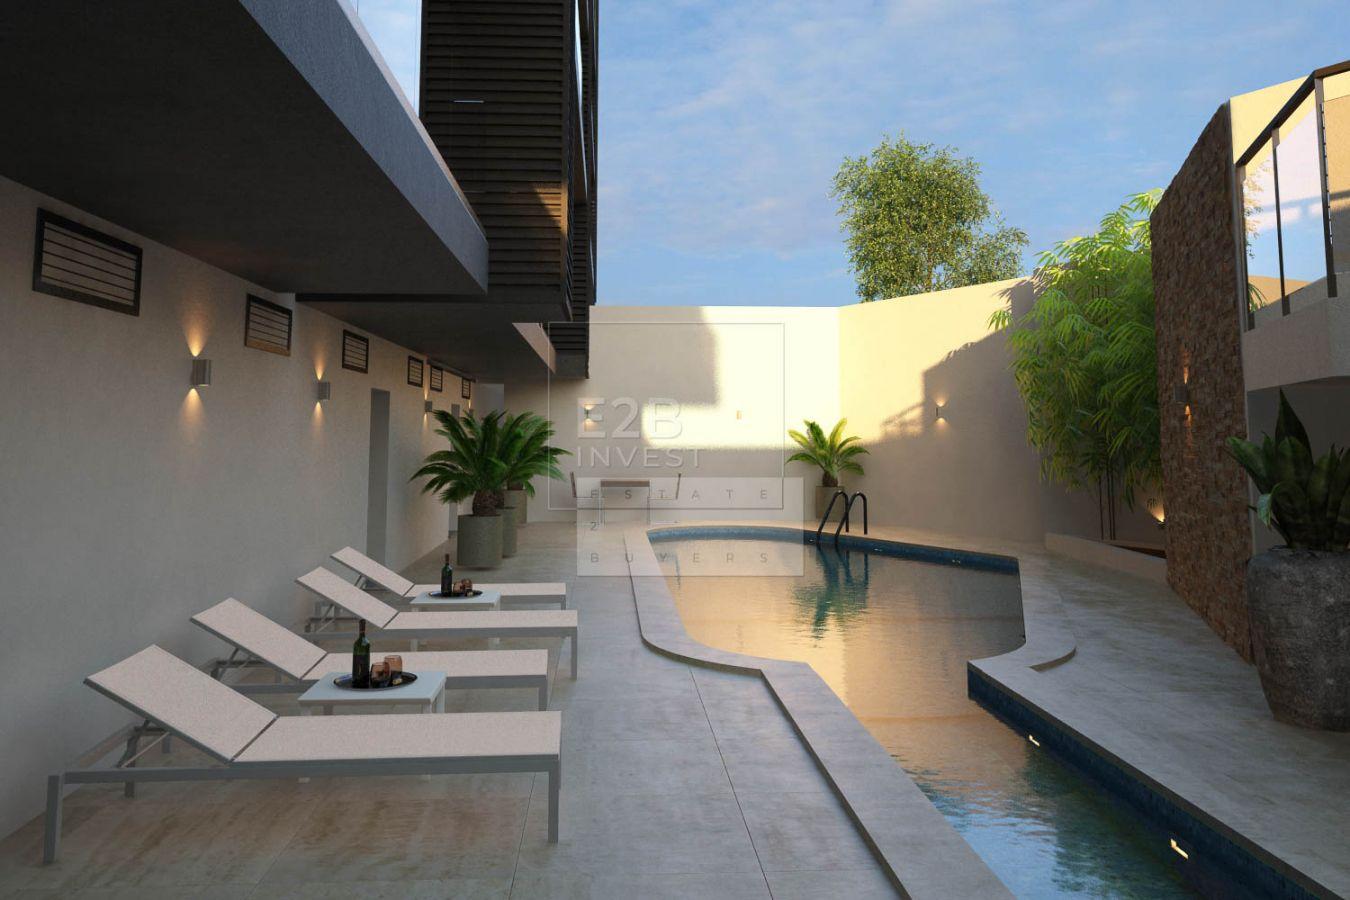 E2B-Invest-appartement-PATA00010-08